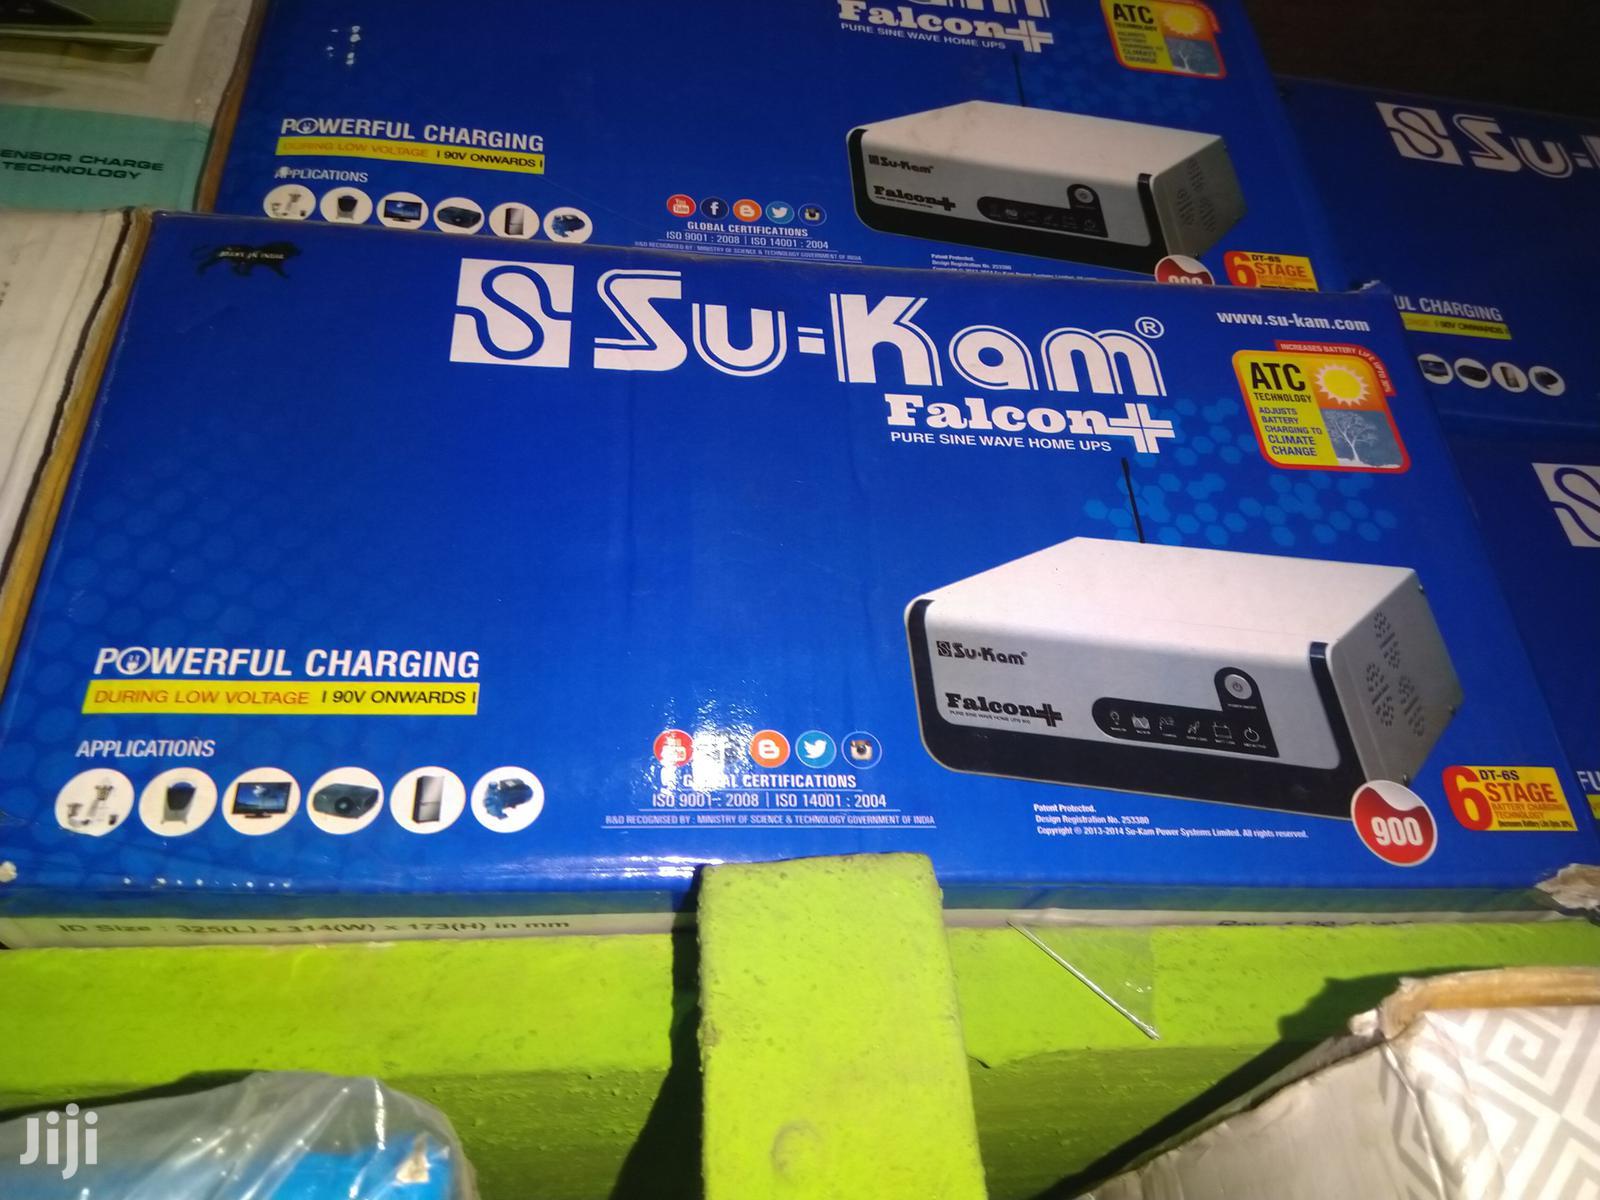 Su-kam Inverter 1kva 12v